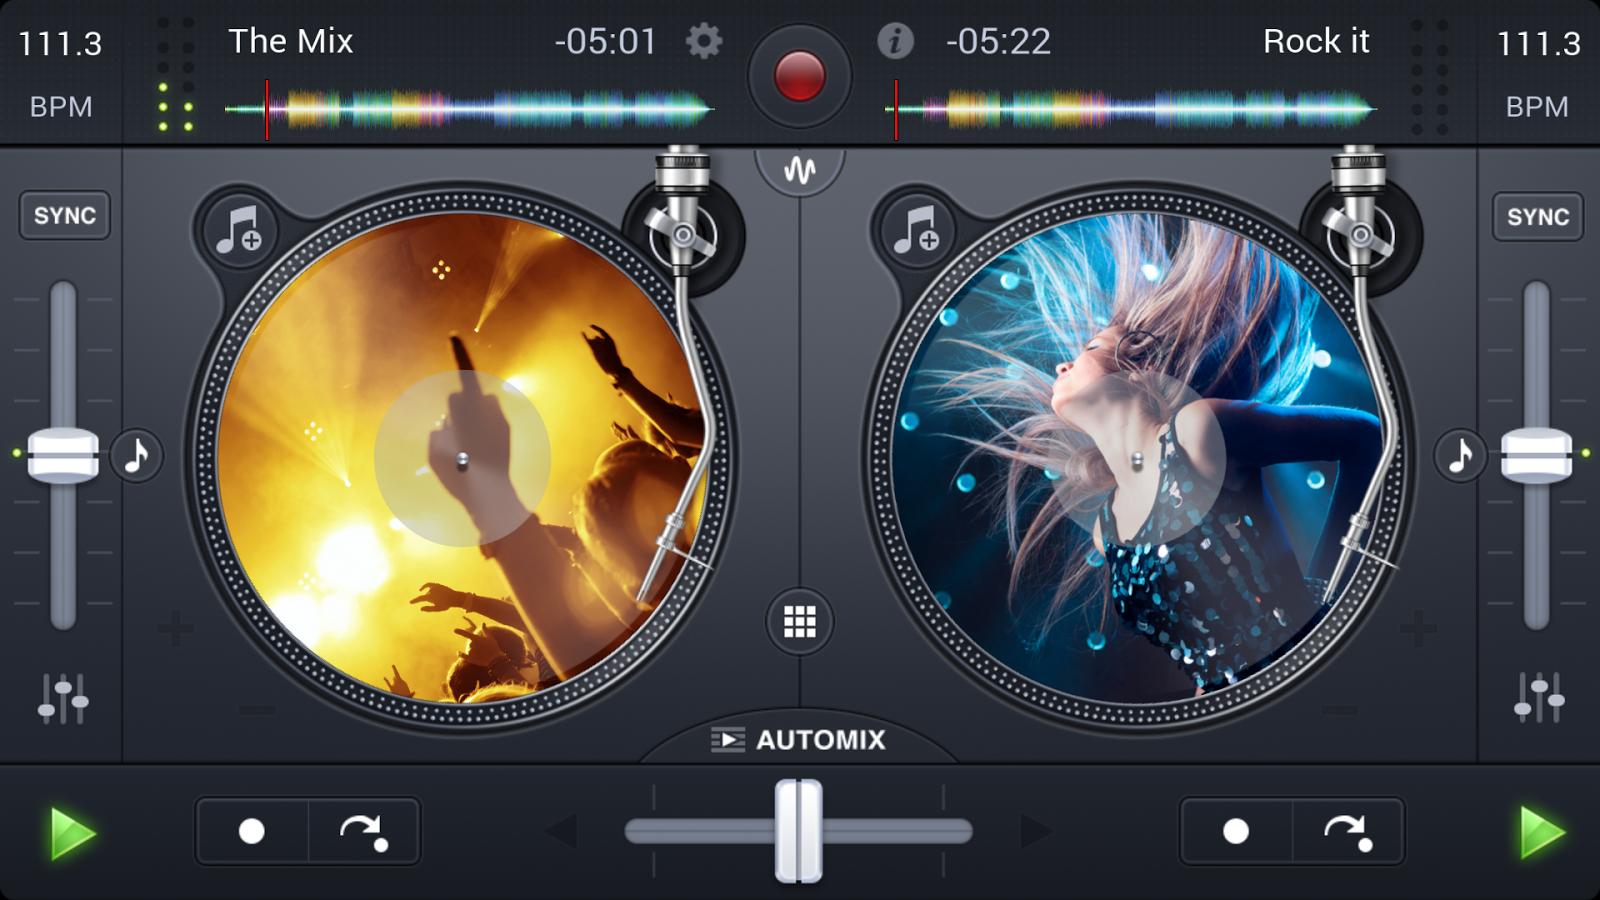 Где скачать музыку на Андроид все платные и бесплатные способы